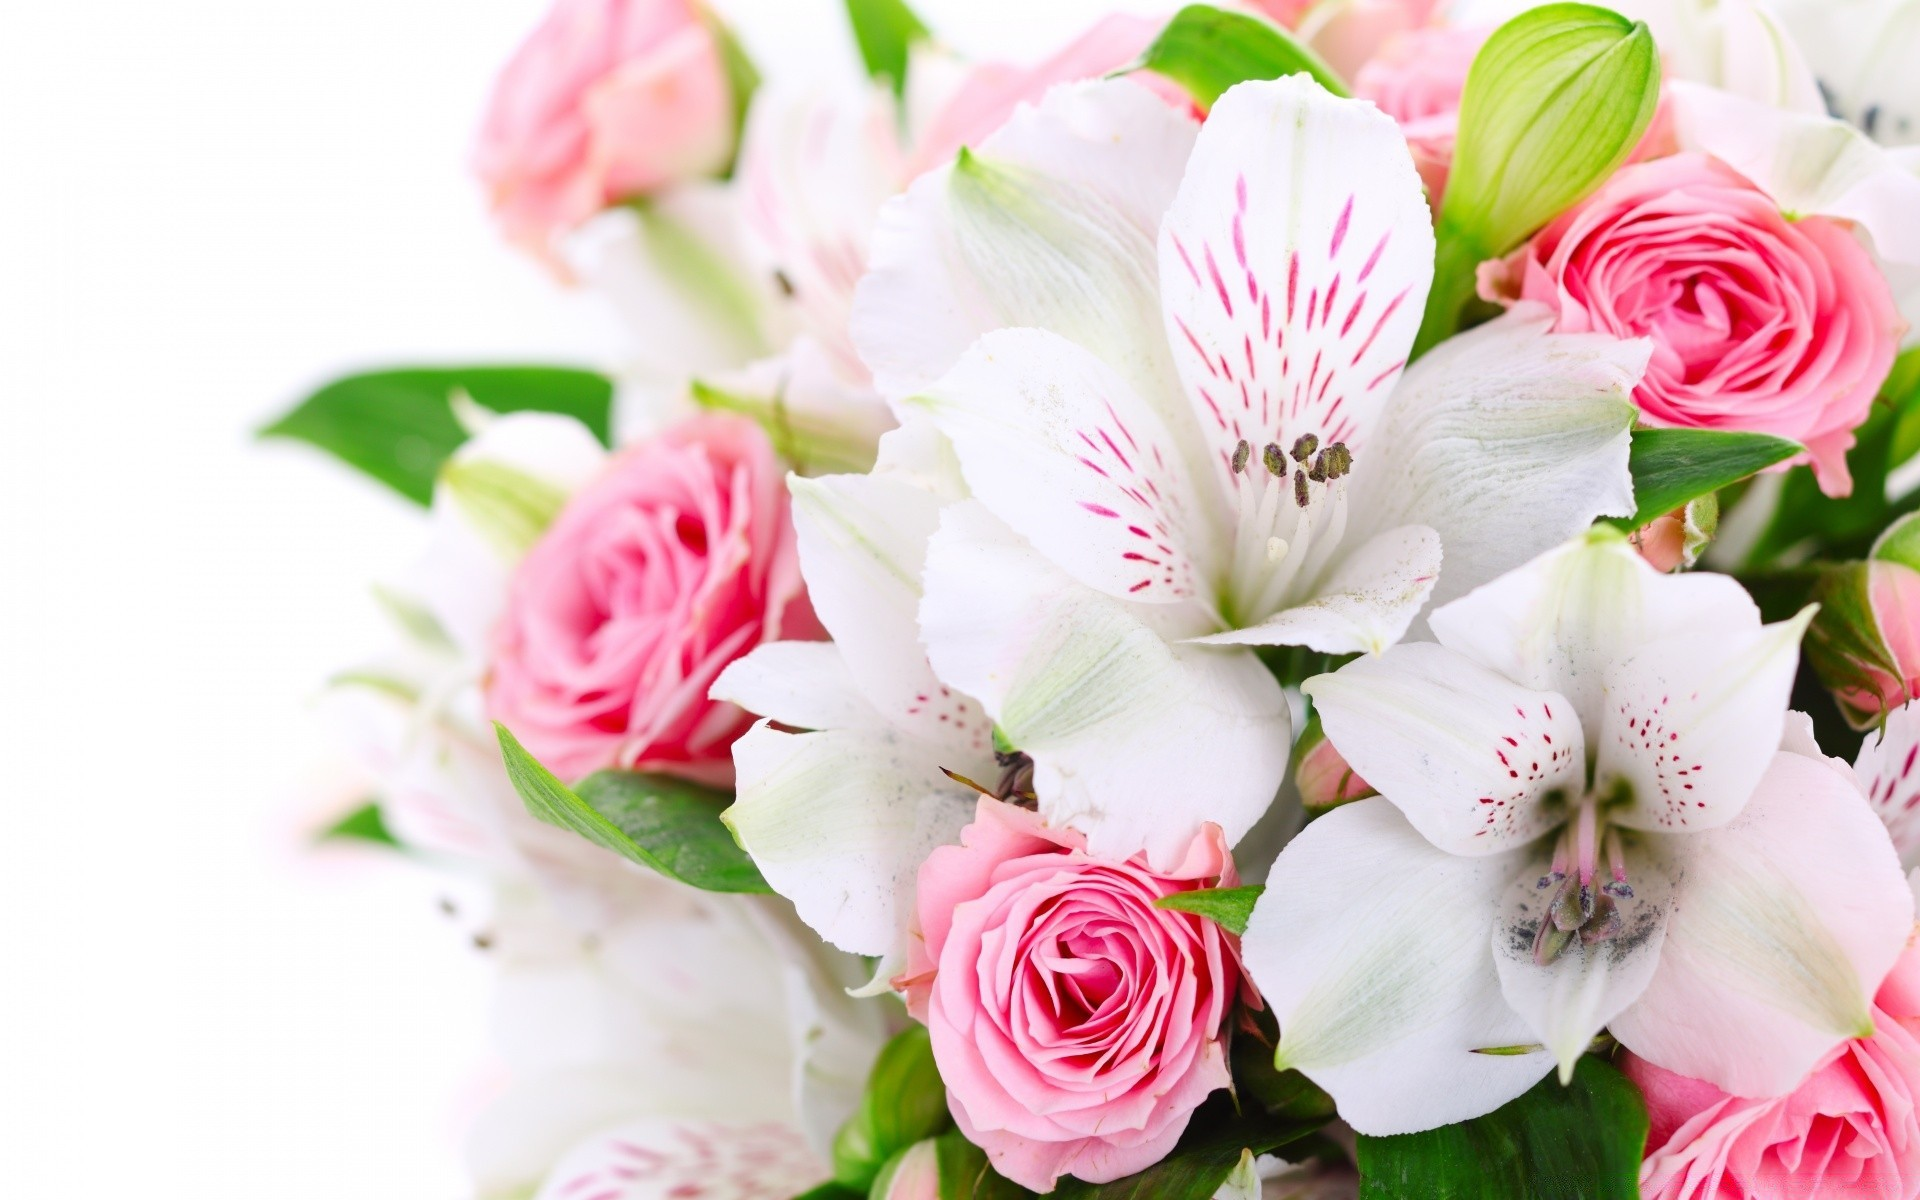 еще красивые картинки с цветы будешь наблюдать ними